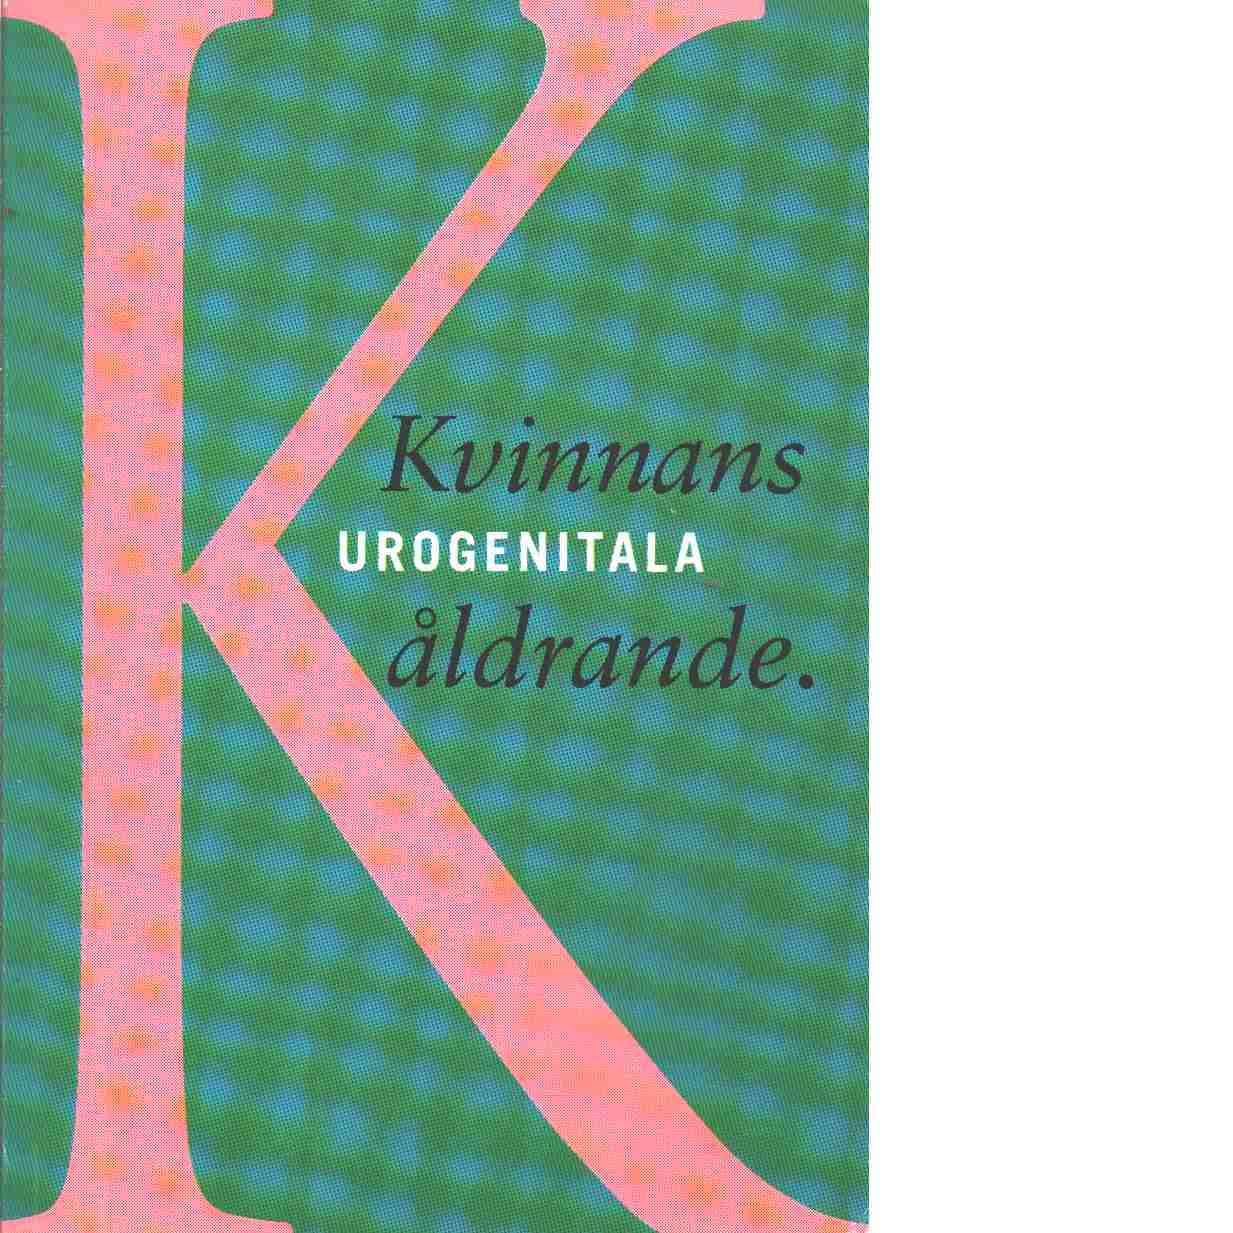 Kvinnans urogenitala åldrande - Red. Henriksson, Lars och Boberg, Merike